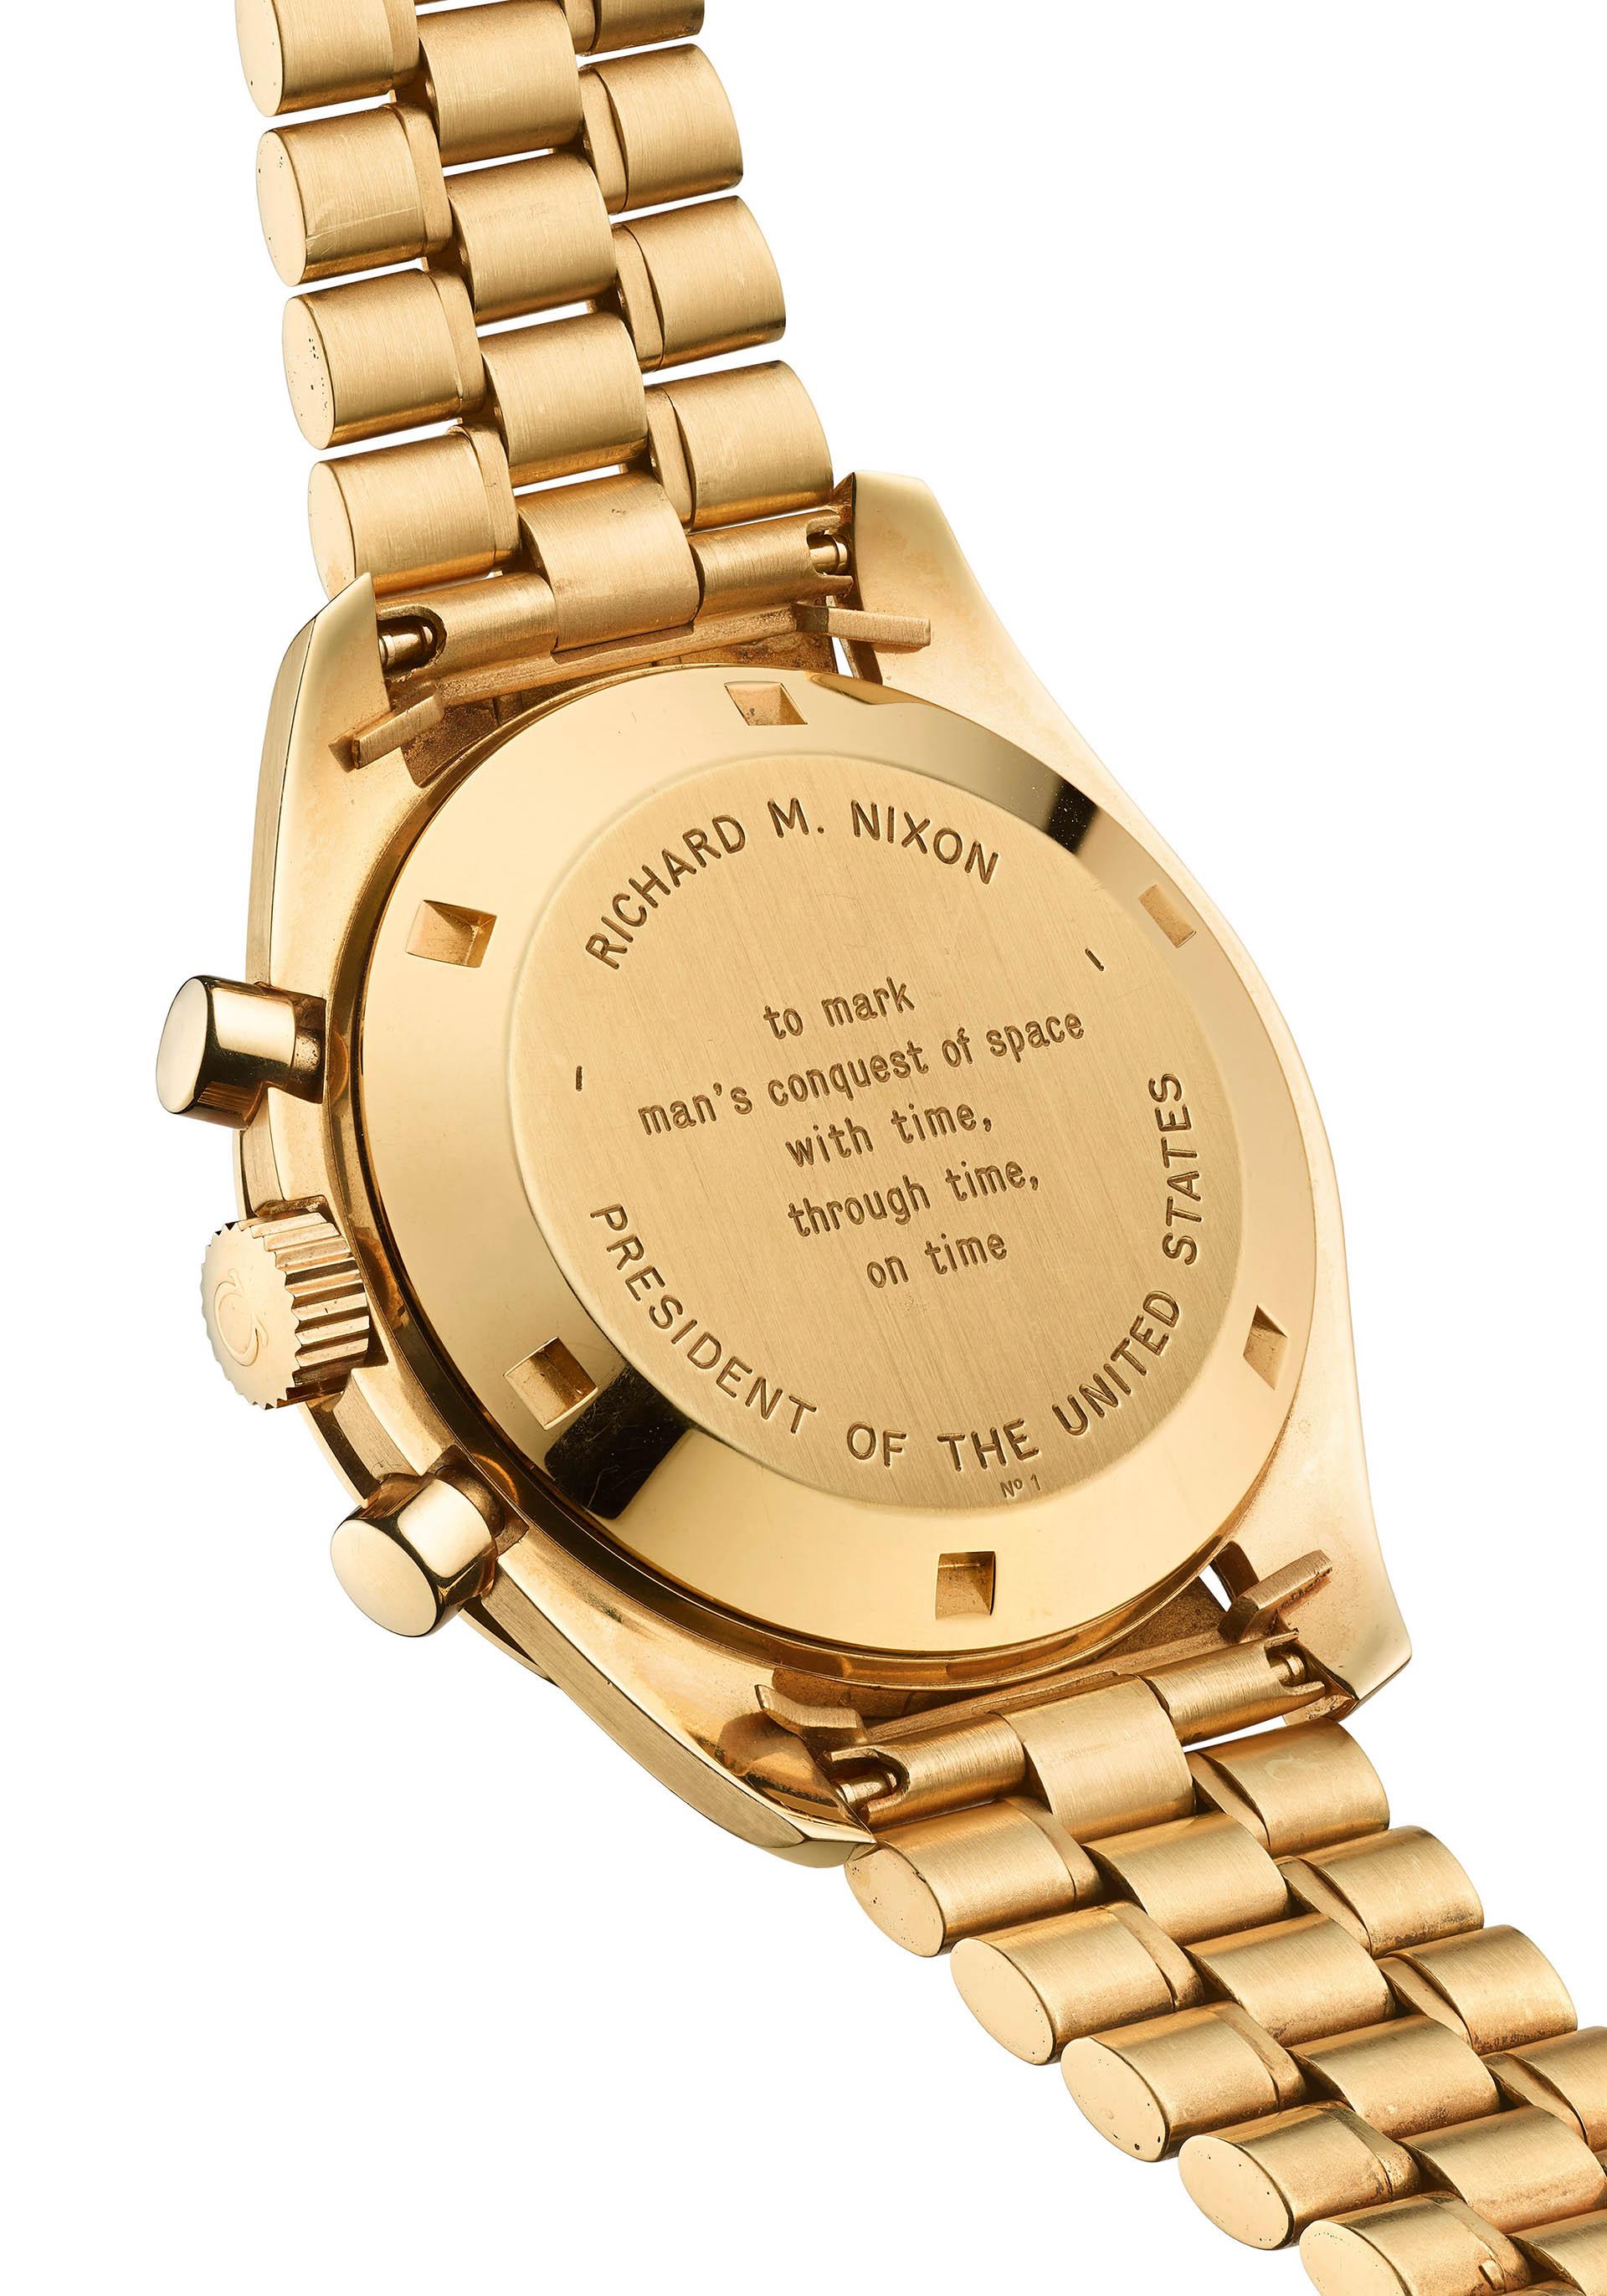 US-Präsident Nixon erhielt die Uhr mit der Nummer 1